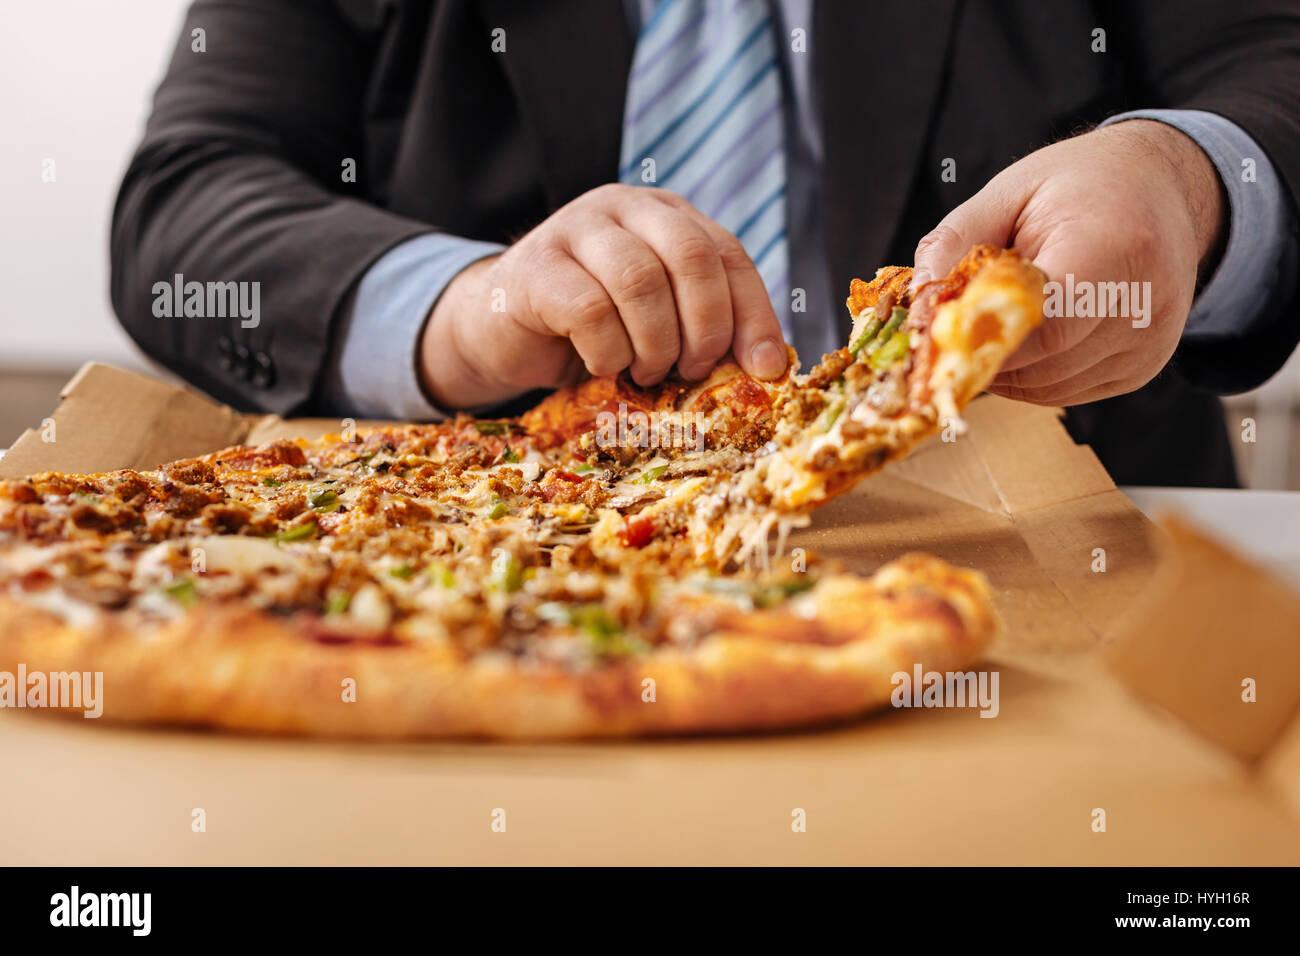 Frontline company employee eating pizza - Stock Image